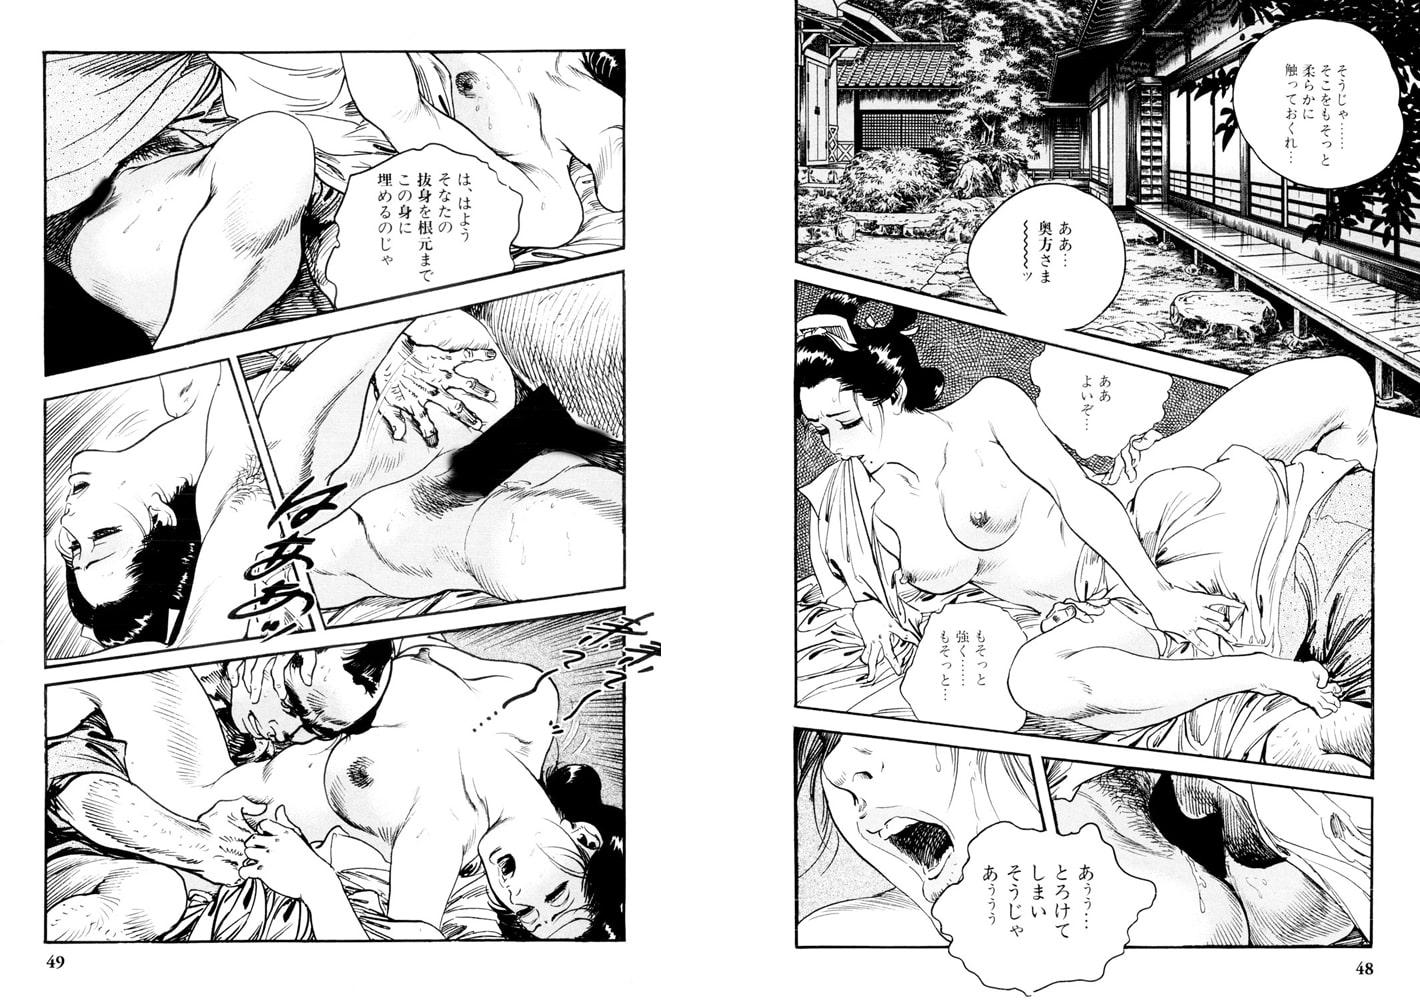 ケン月影の大奥物語スペシャル